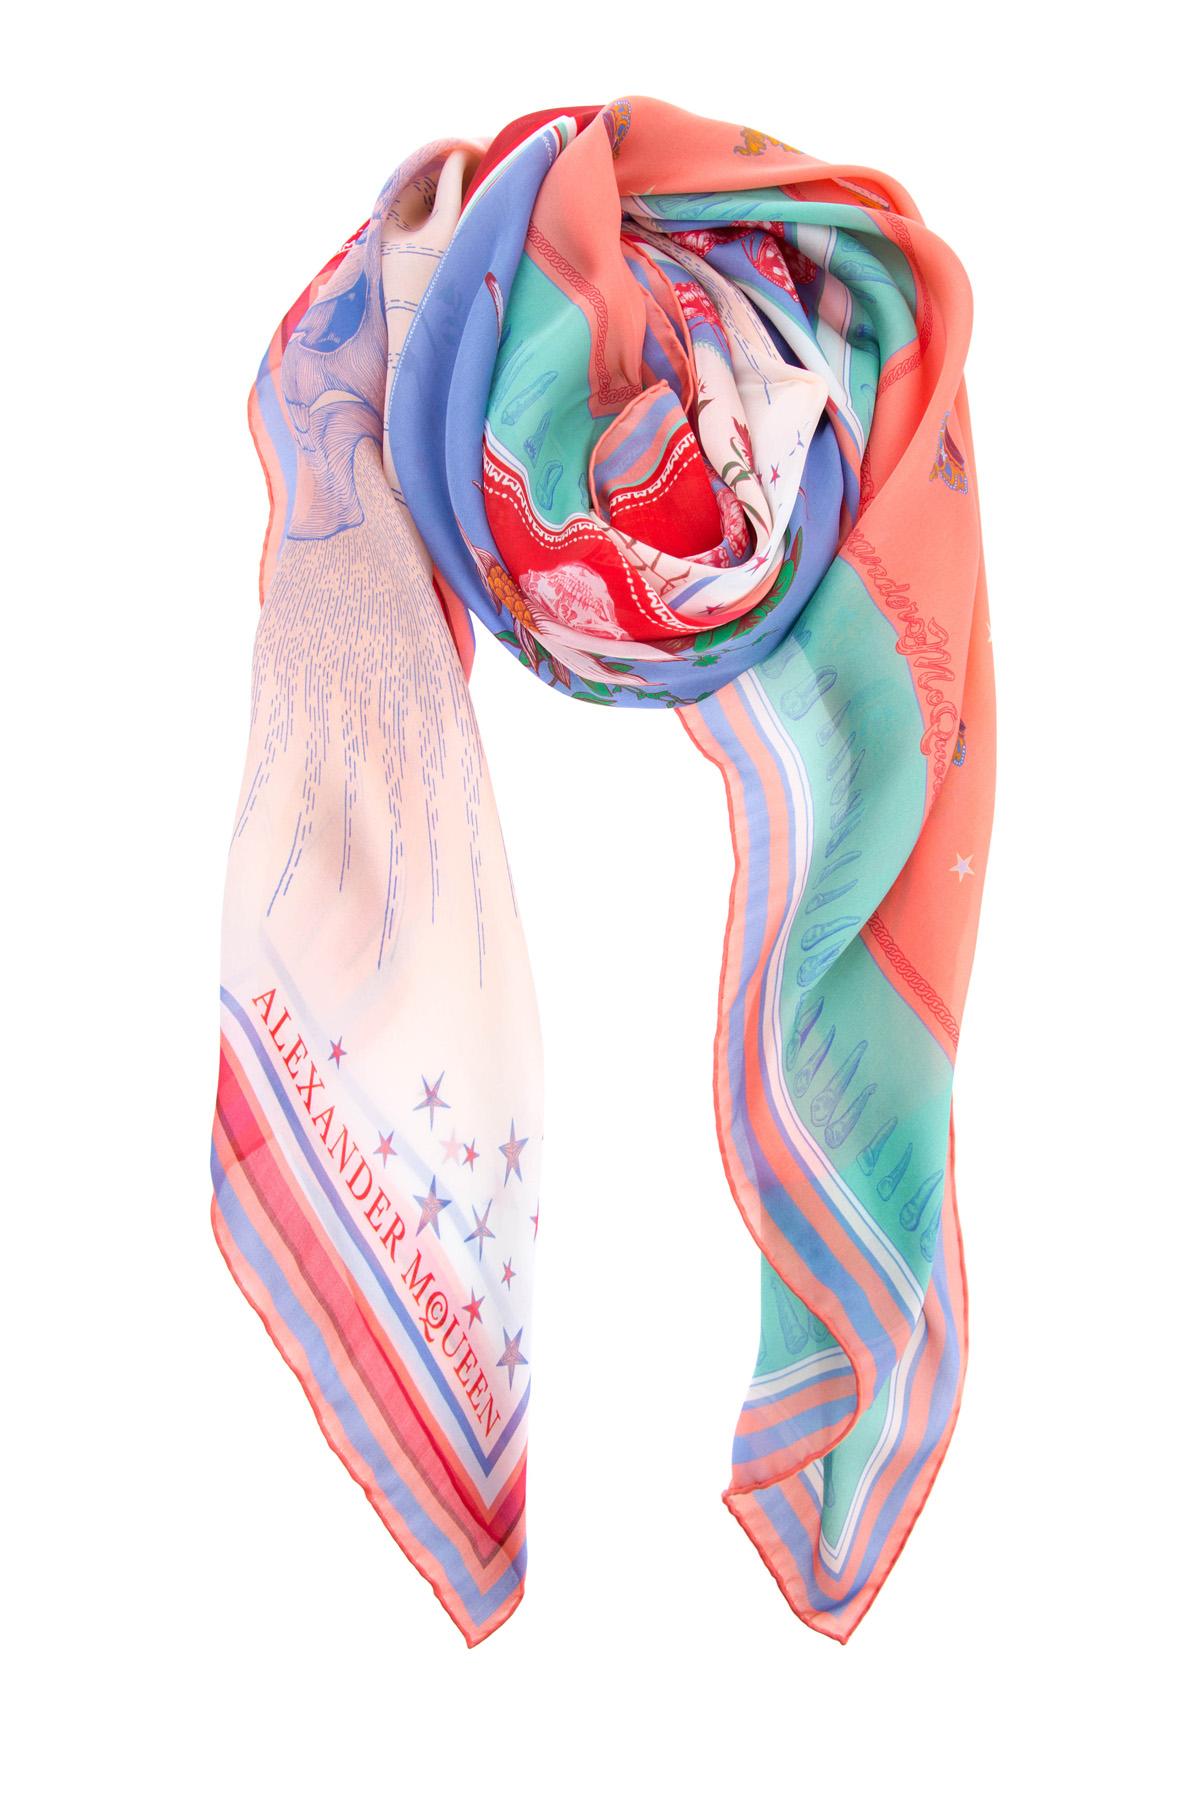 Купить Платок из шелка с ярким принтом в фирменном стиле, ALEXANDER MCQUEEN, Италия, шелк 100%